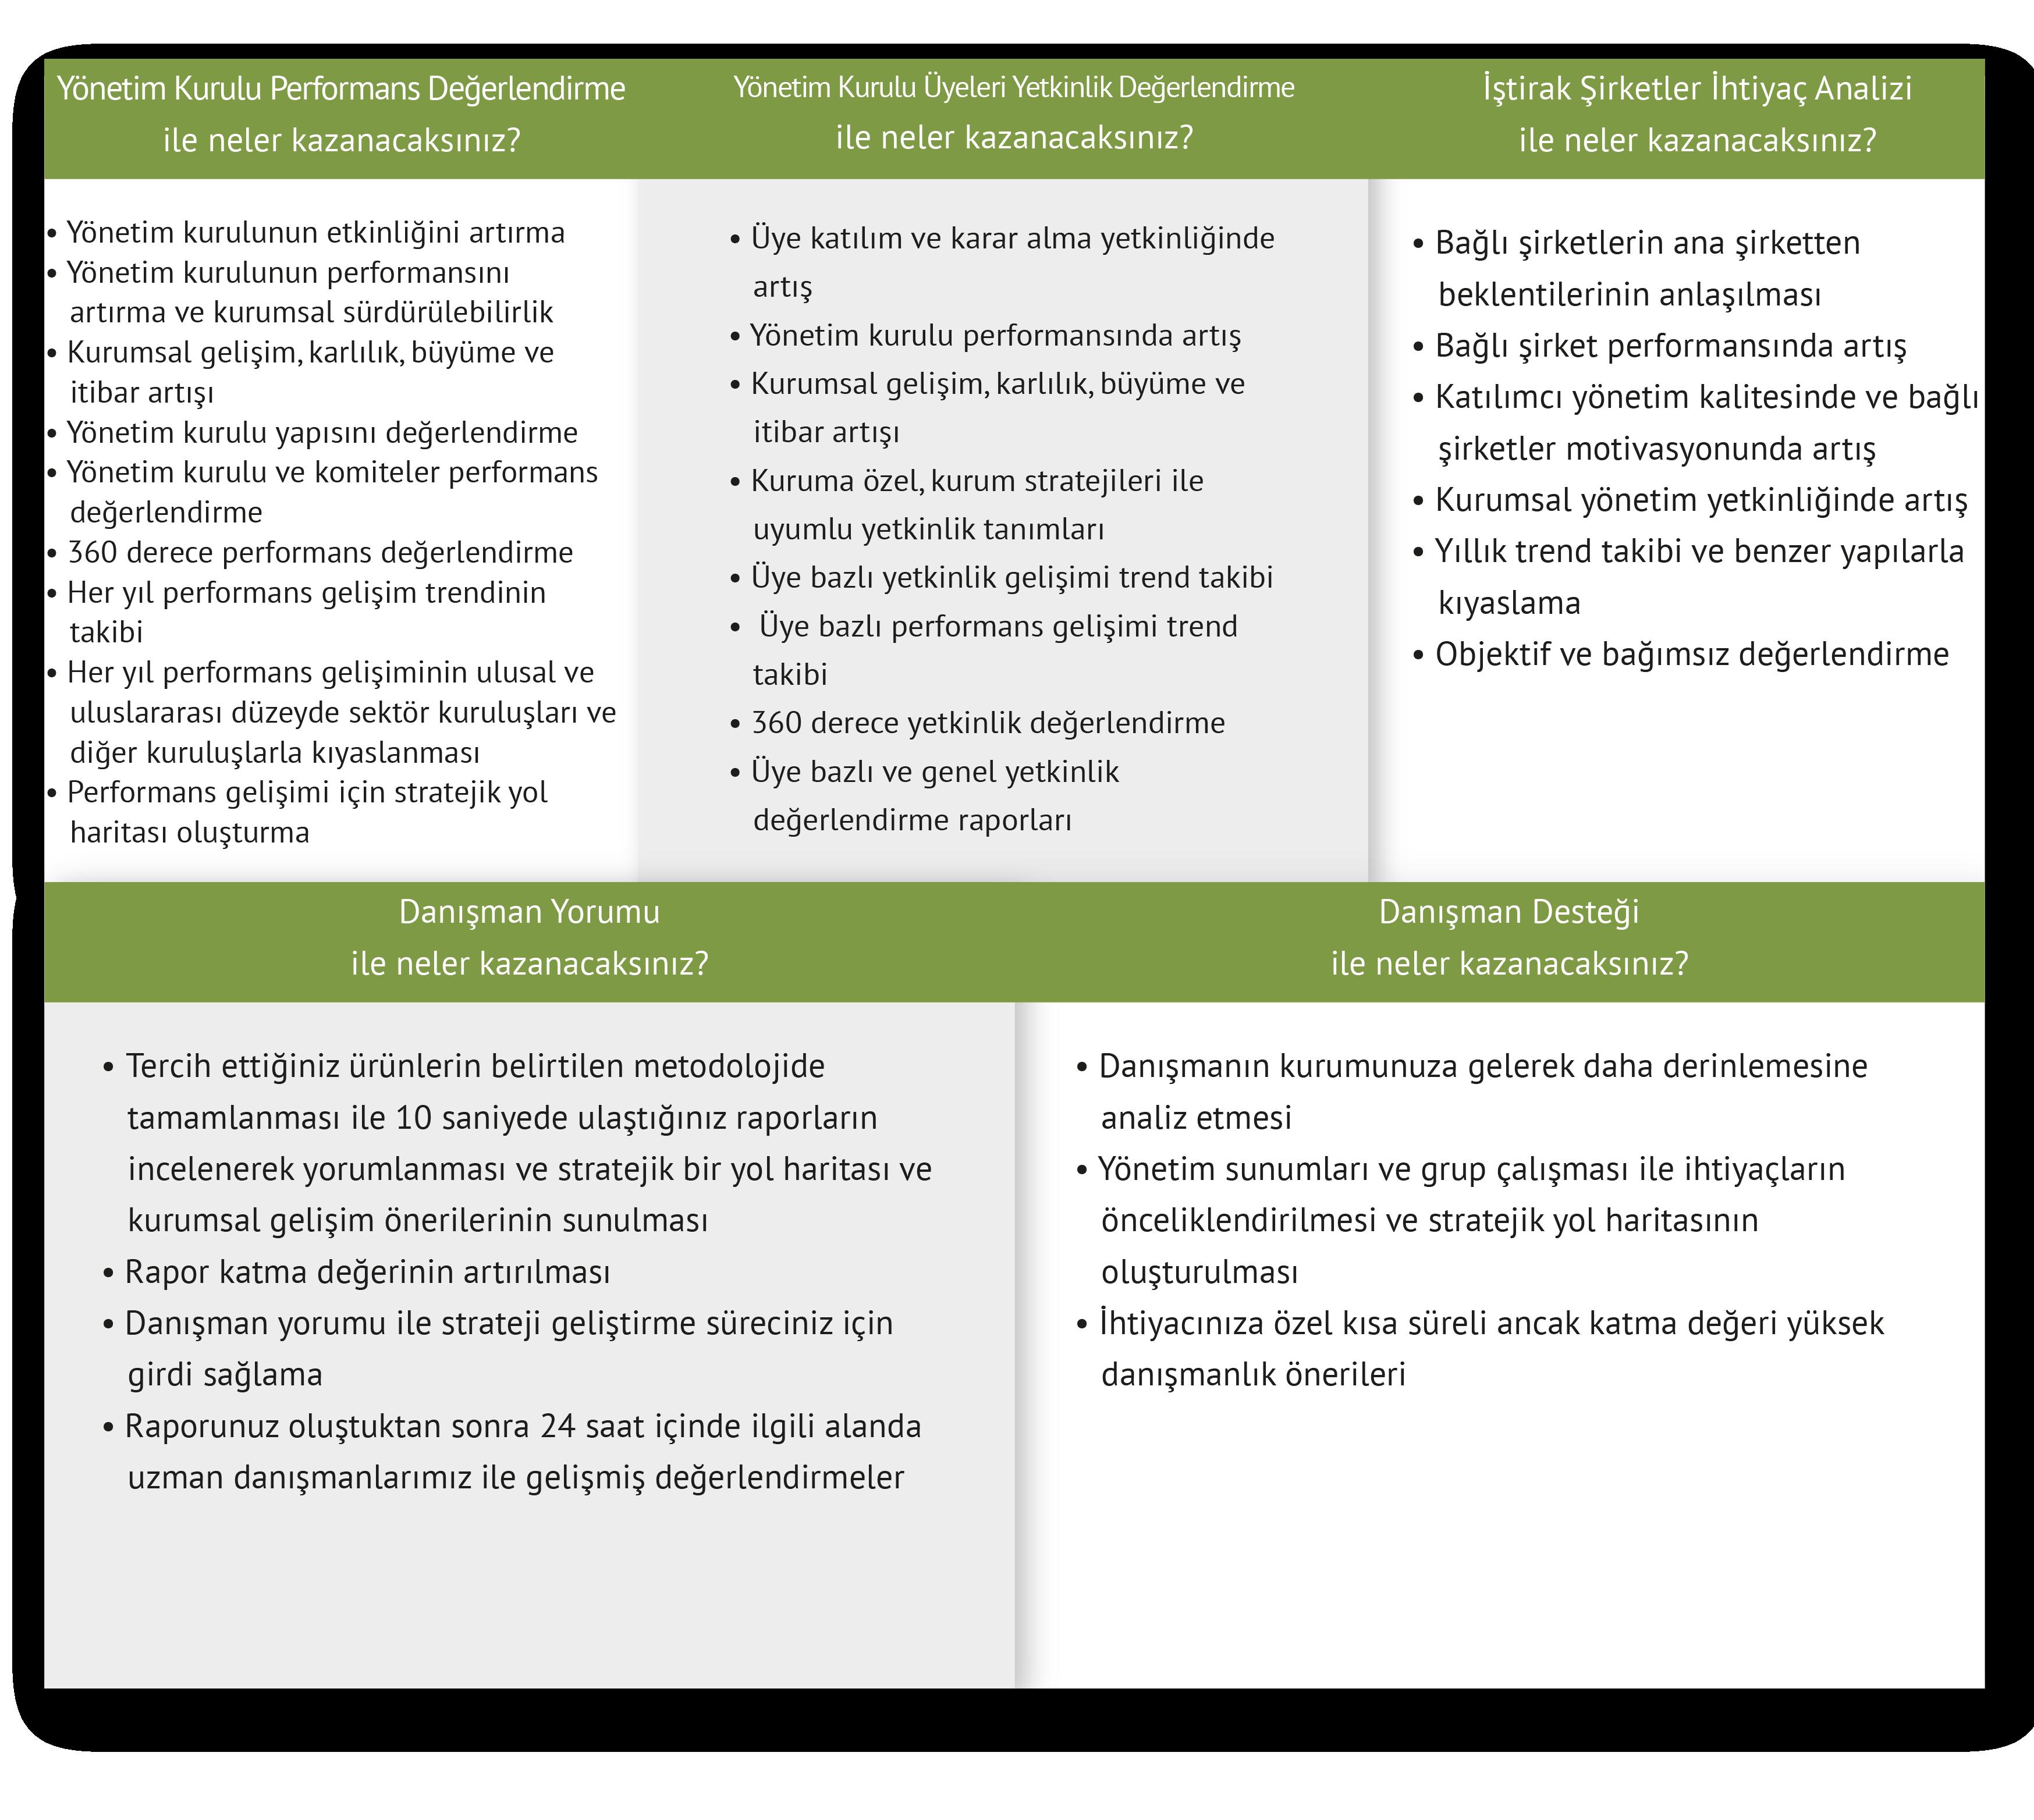 CGE Yönetim Kurulu Değerlendirme Şablonlar